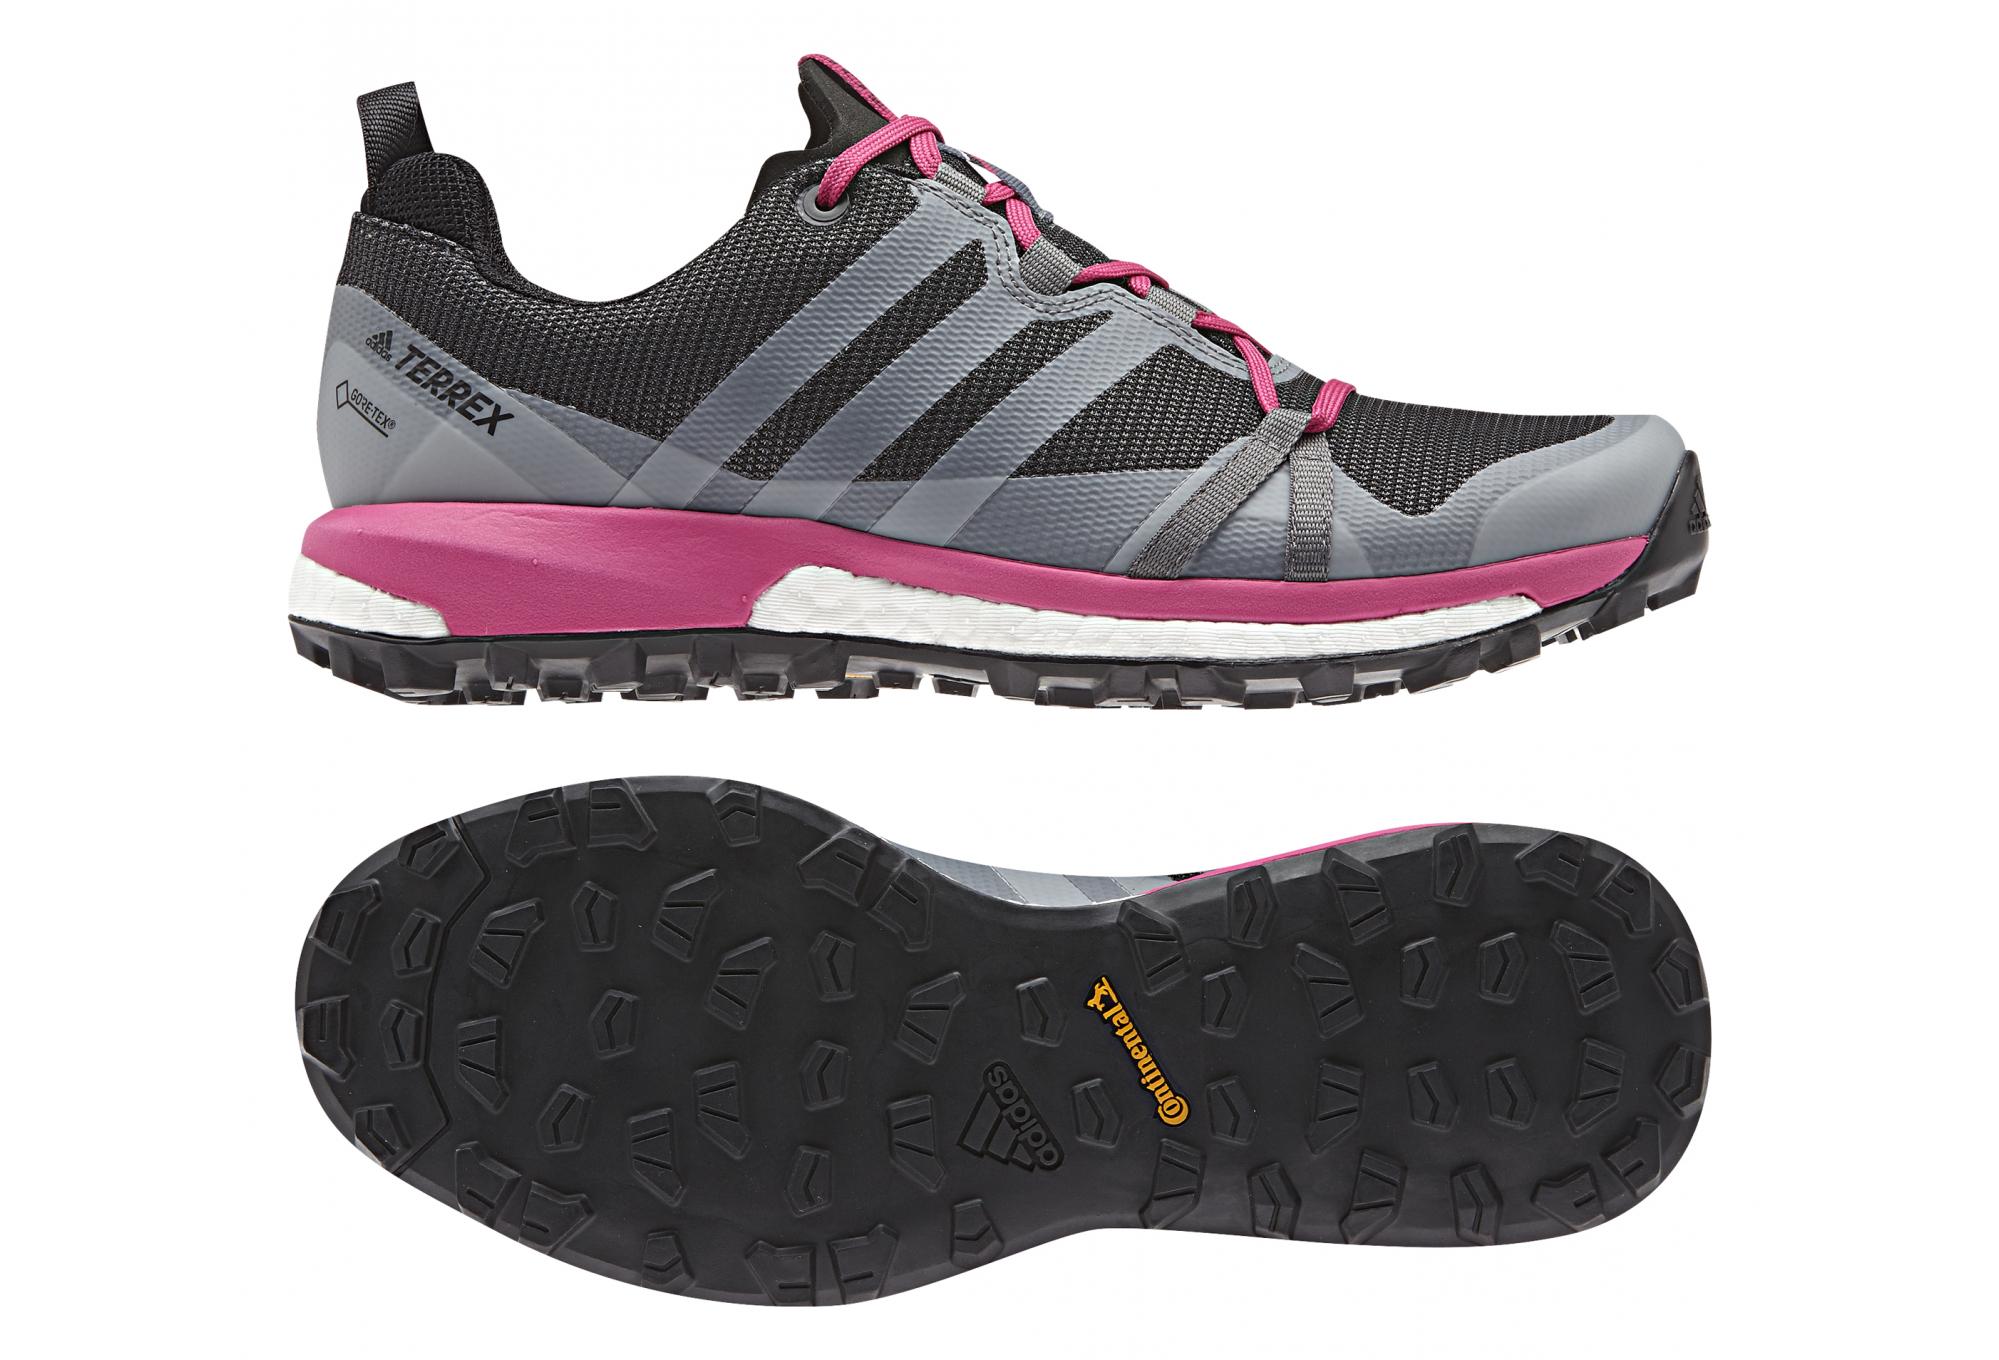 Chaussures femme adidas Terrex Agravic GTX